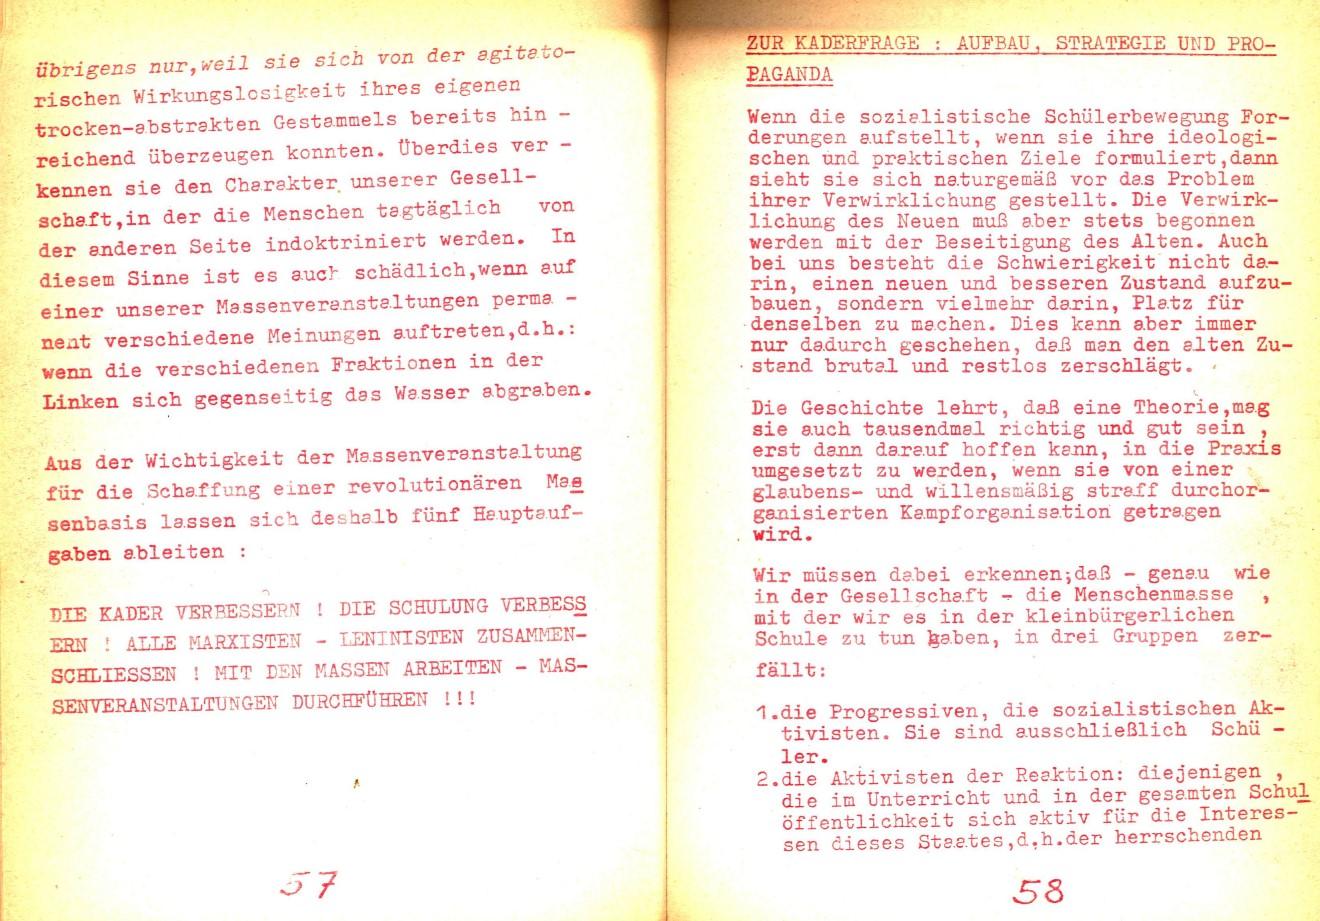 Berlin_SMV_Broschuere_Schulkampf_1969_31